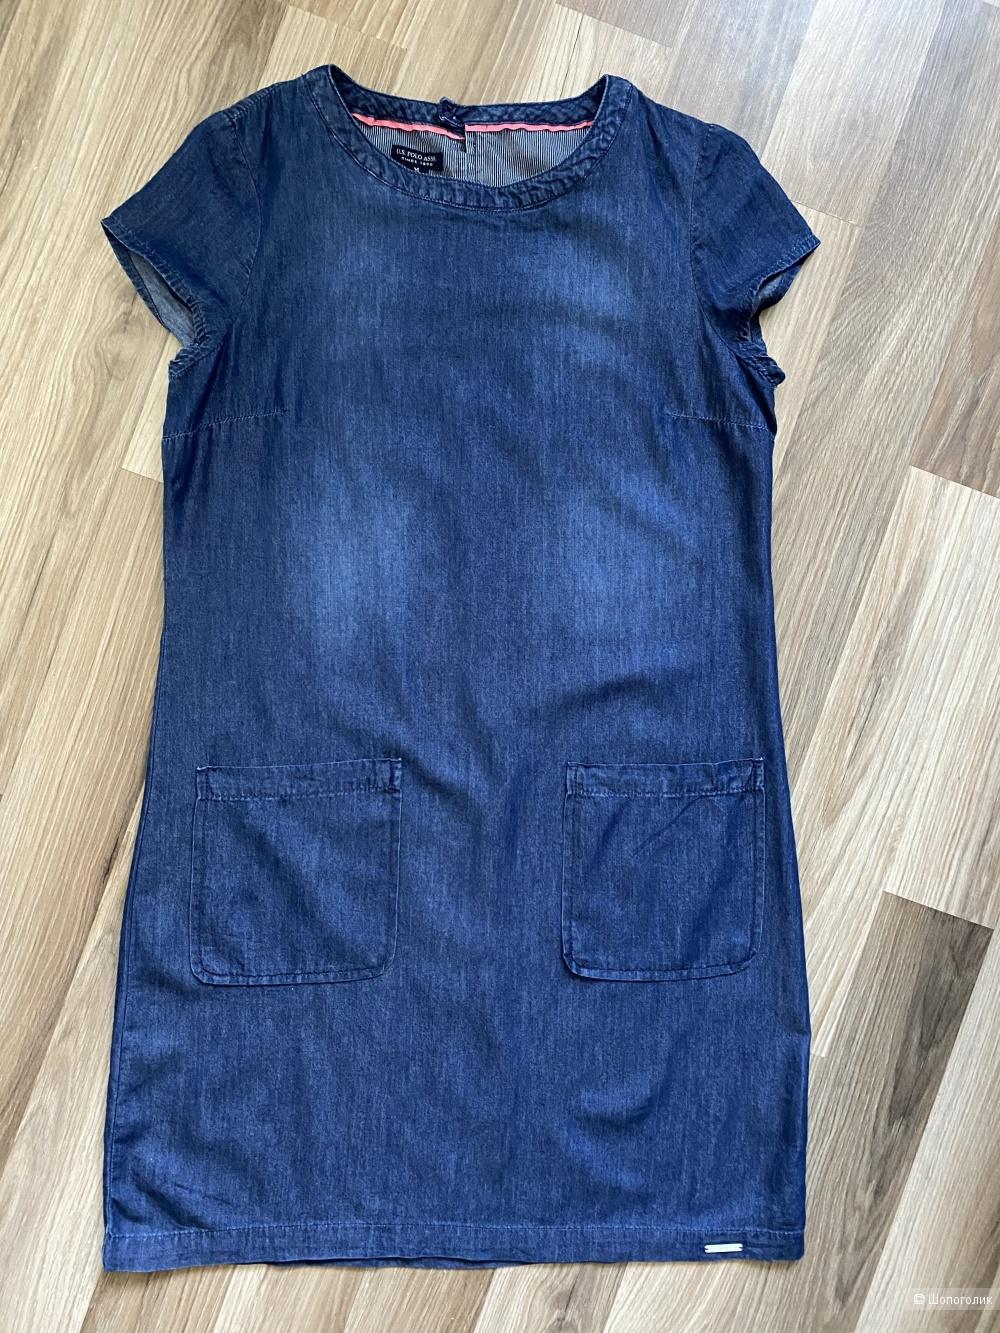 Джинсовое платье  US. Polo Assn размер М